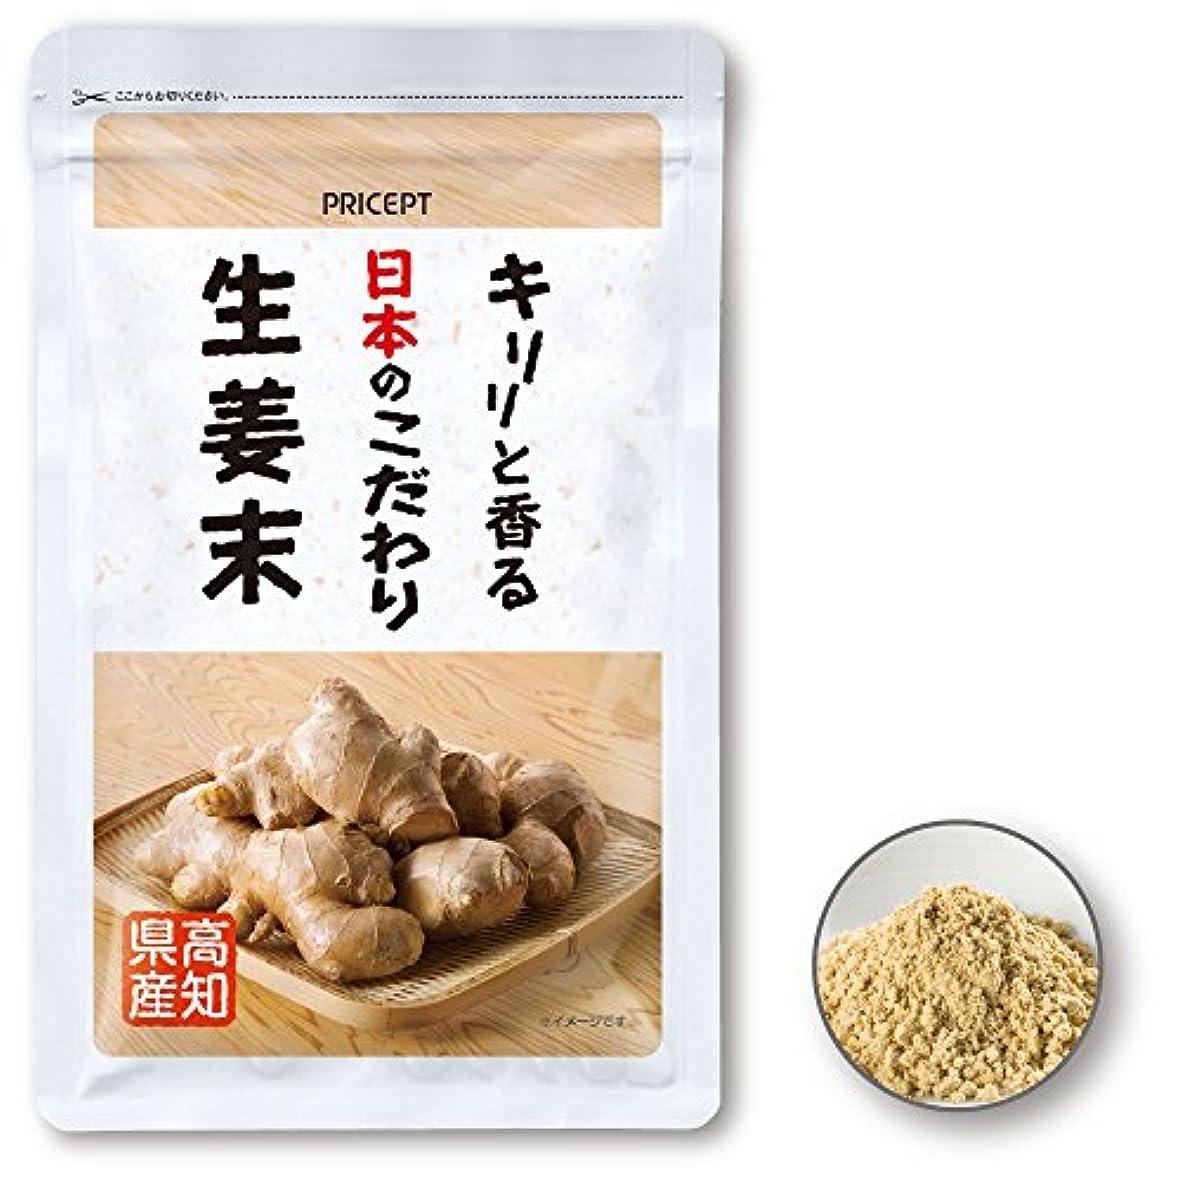 やる持っているペーストプリセプト キリリと香る日本のこだわり生姜末 50g(単品)(高知県産しょうが粉末)